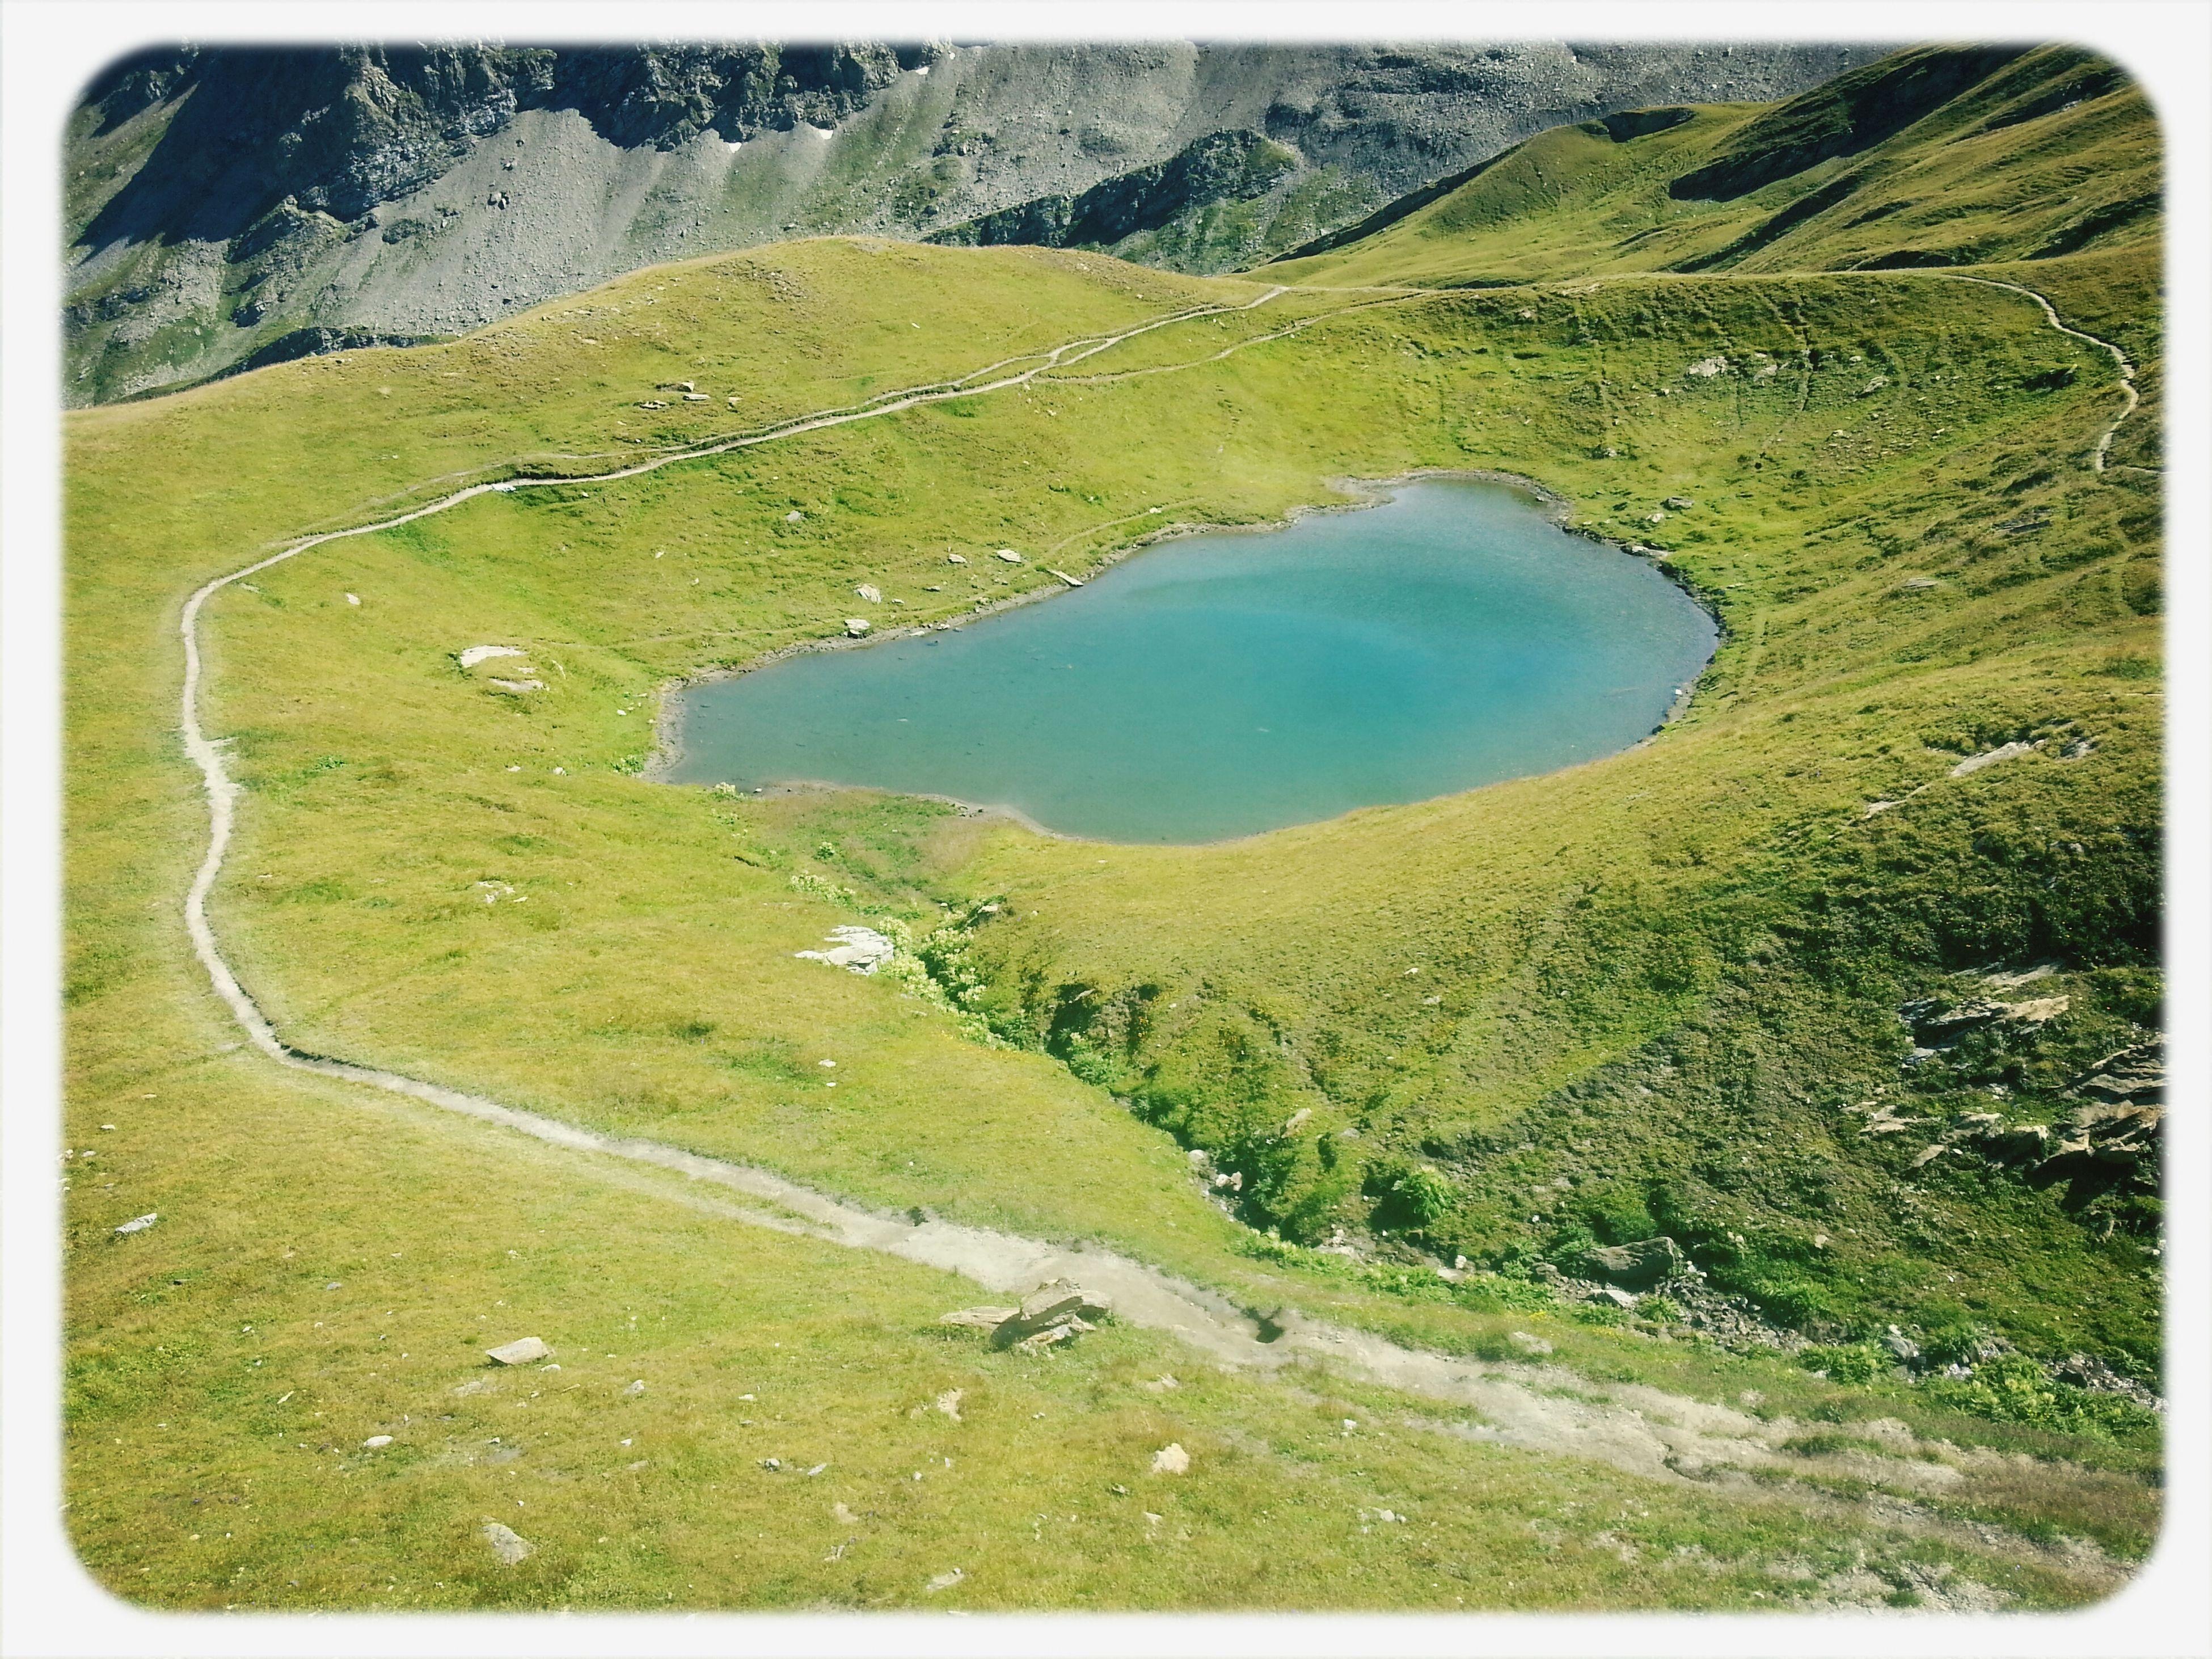 Lac de Merdeux